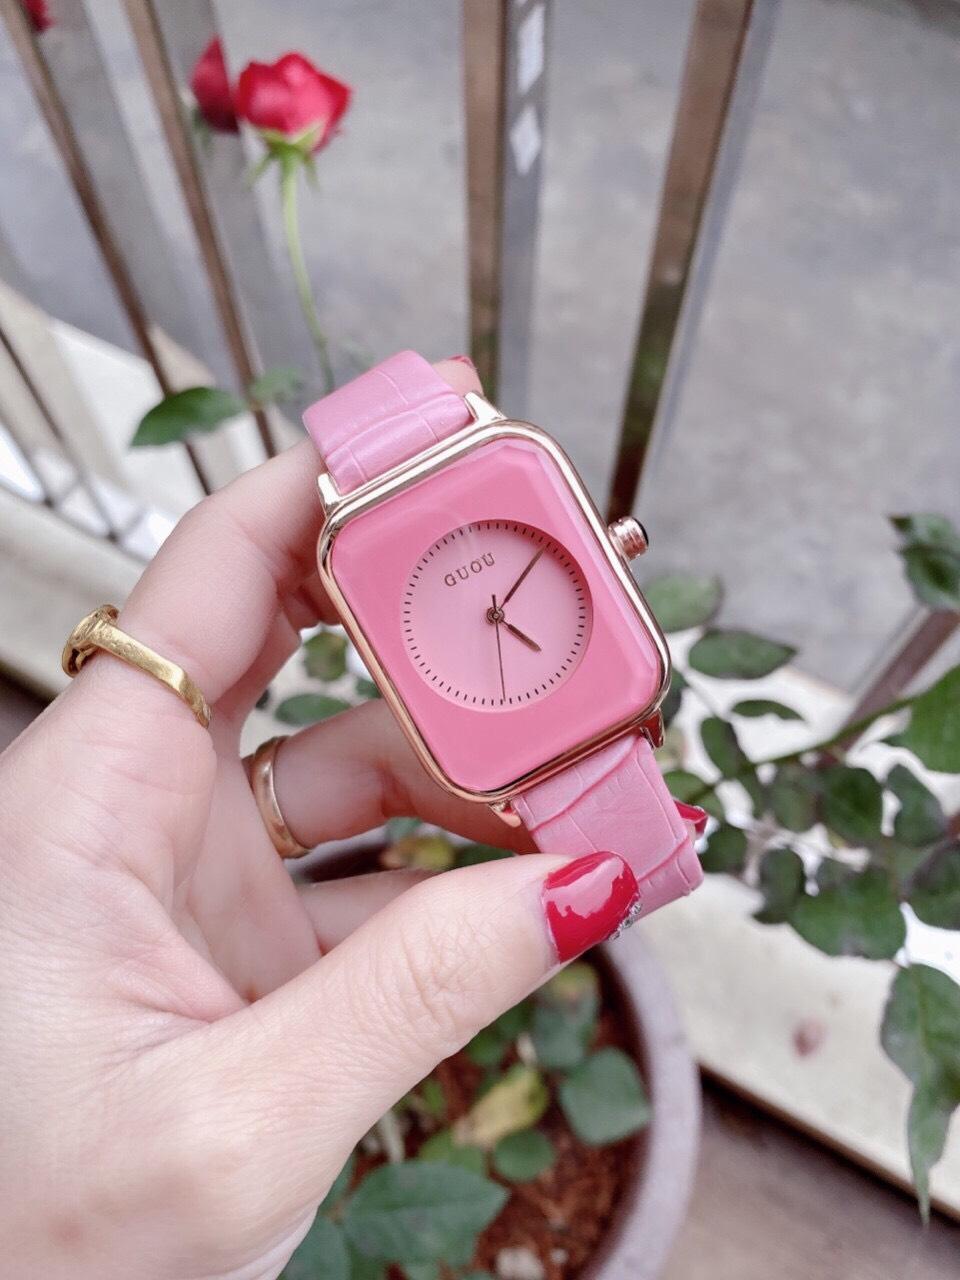 Đồng hồ Nữ GUOU Dây Mềm Mại đeo rất êm tay, Chống Nước Tốt, Bảo Hành Máy 12 Tháng Toàn Quốc 22